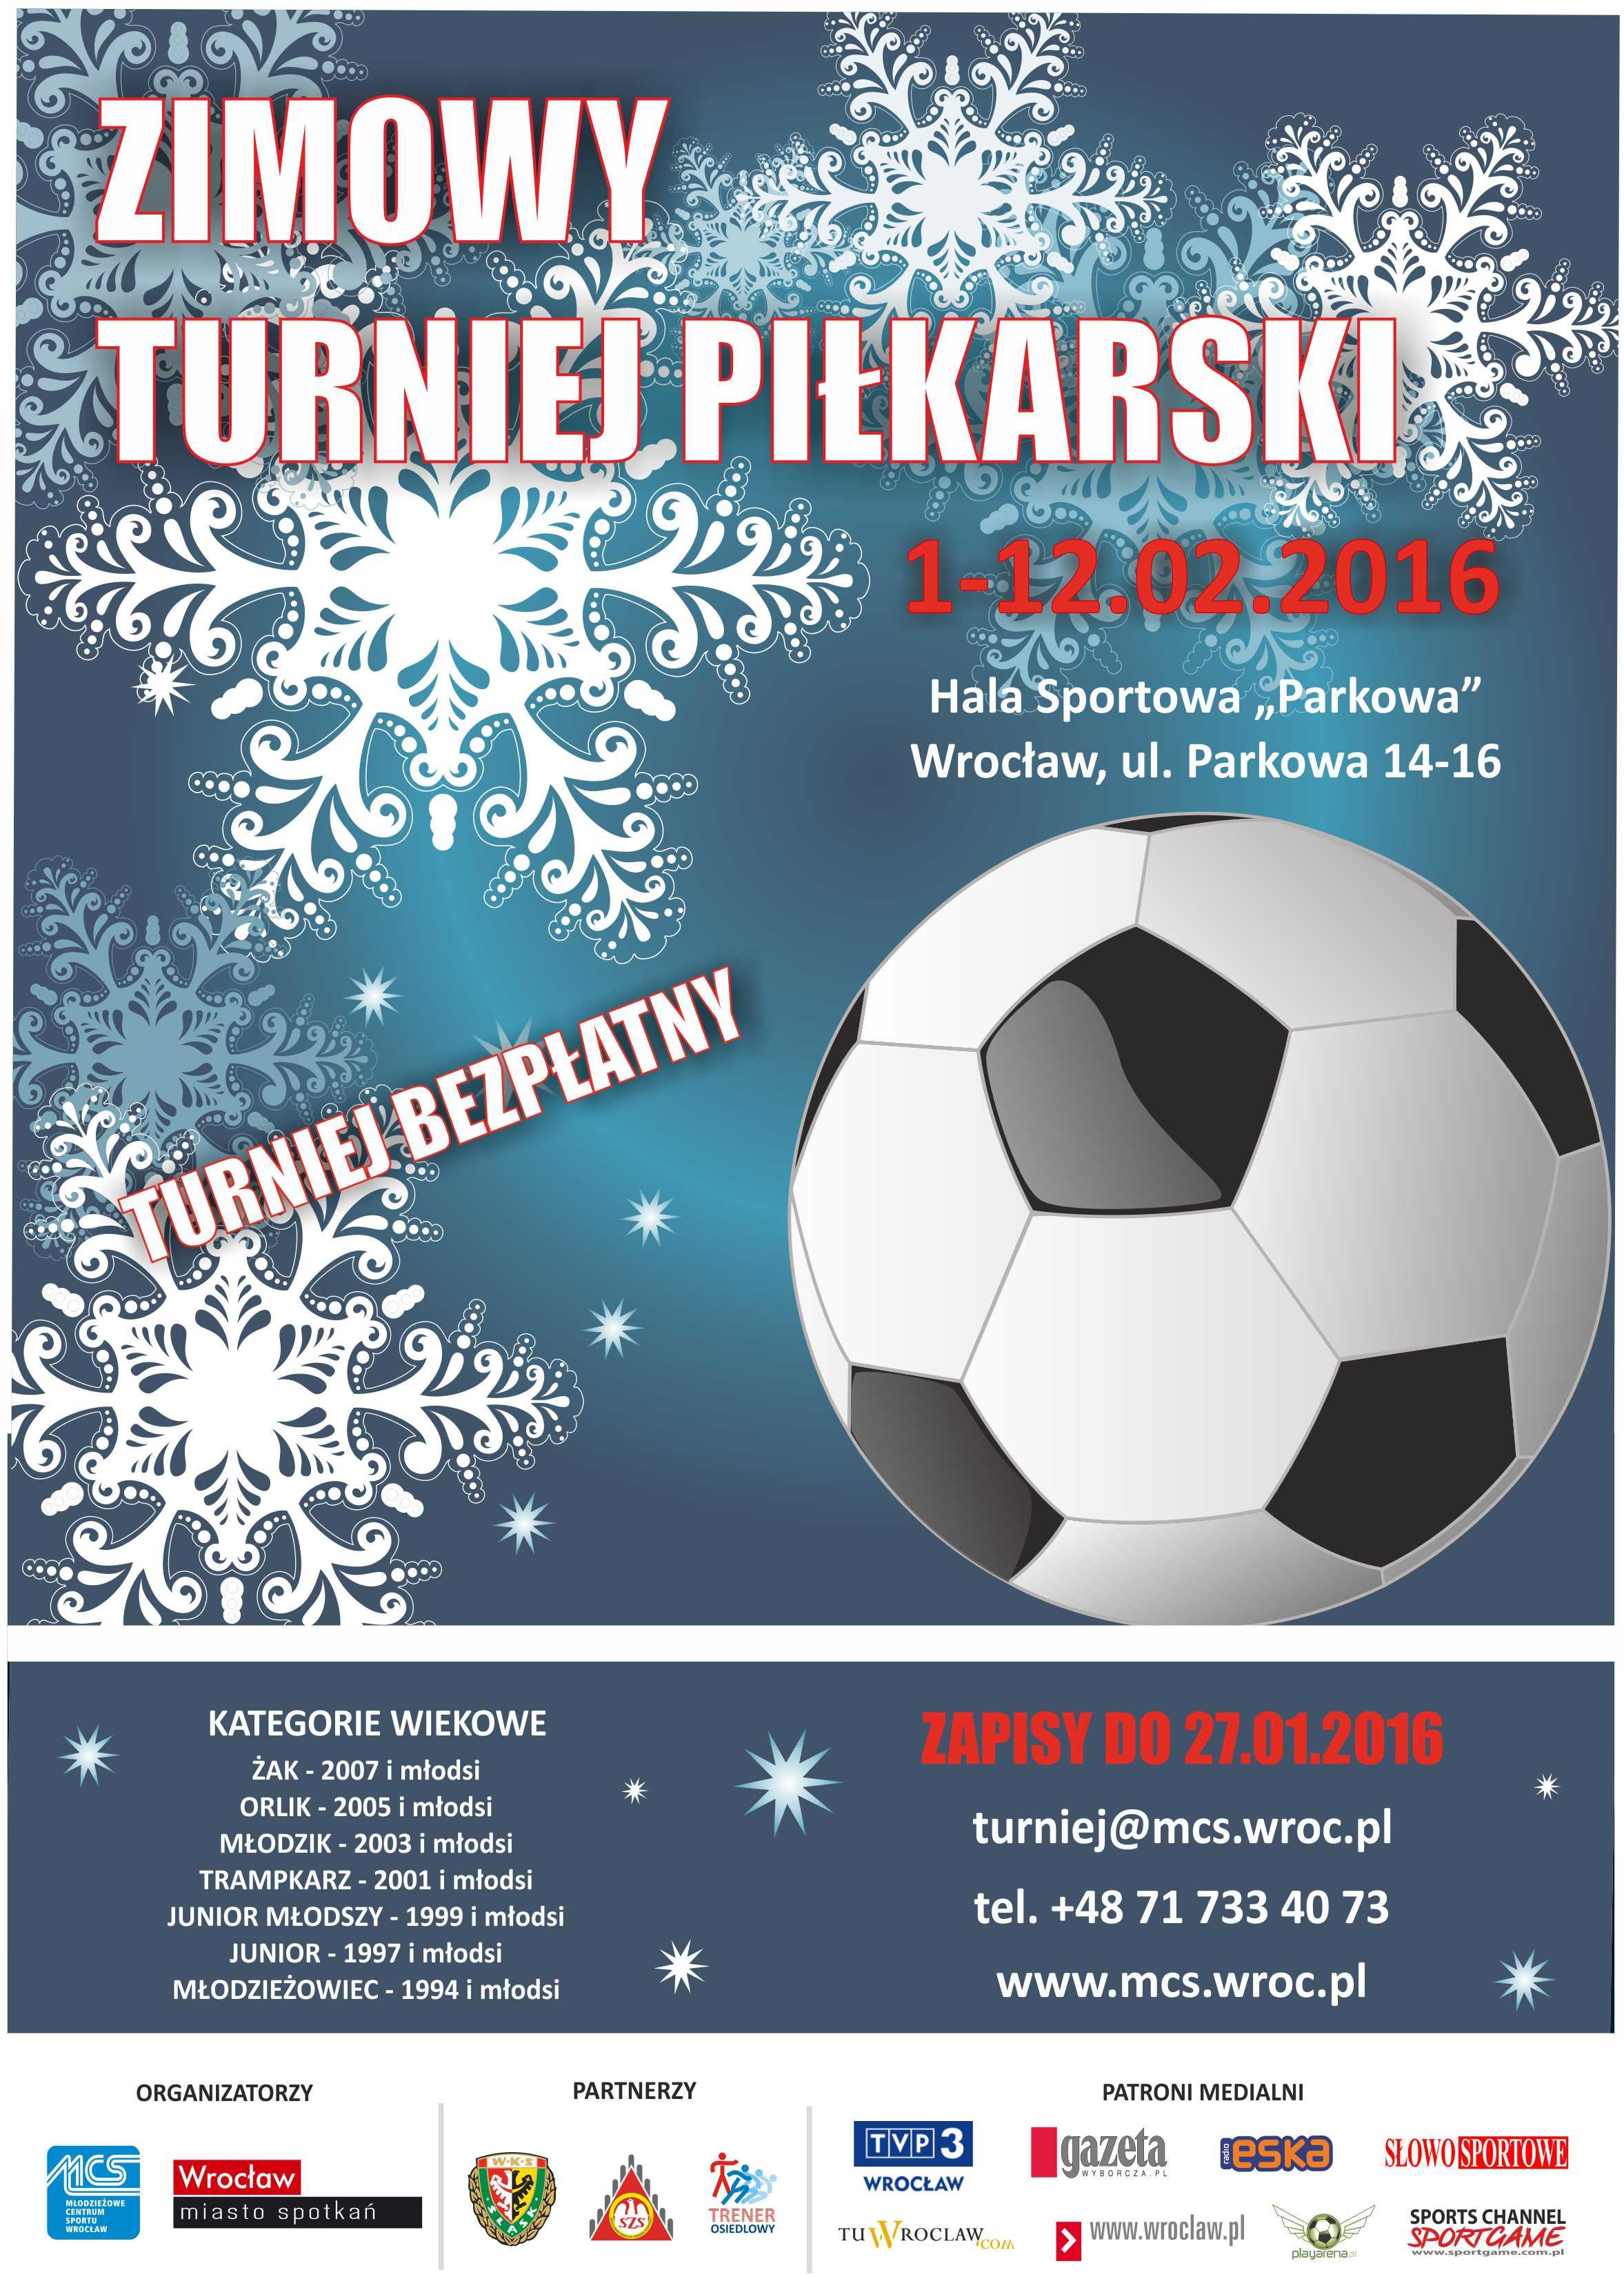 64392b6c5 Zimowy Turniej Piłkarski 2016 | www.wroclaw.pl